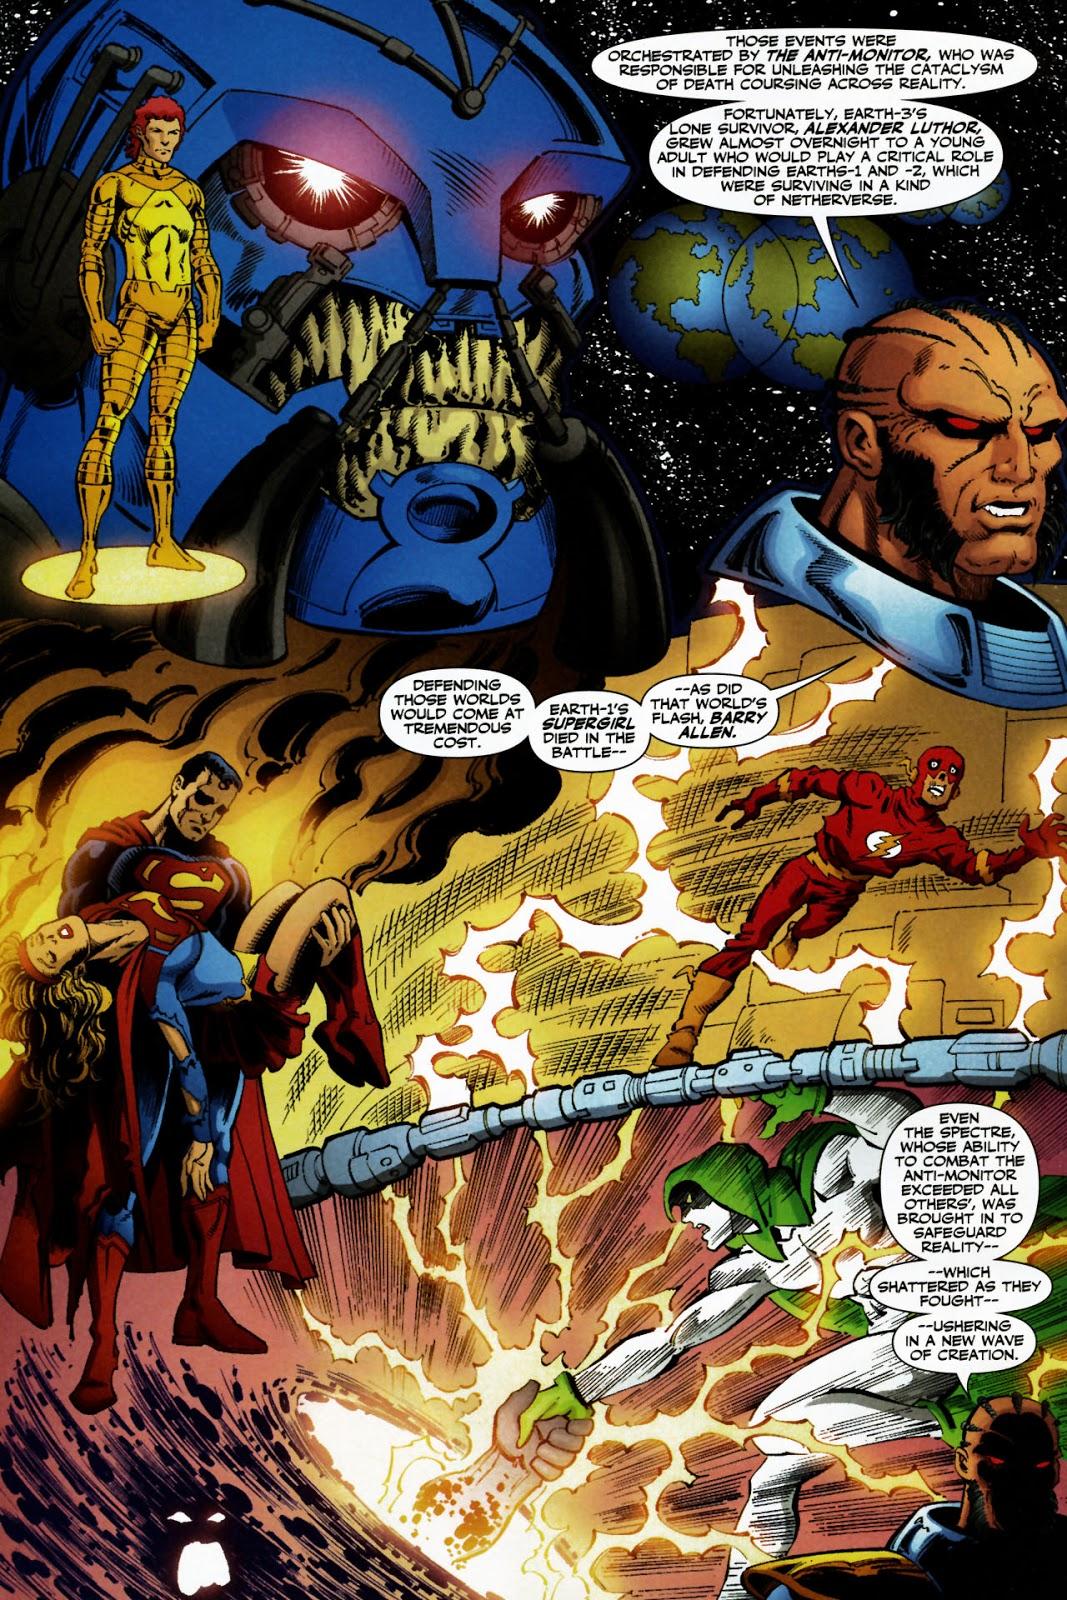 Crisis on Infinite Earths | SuperFriends Wiki | FANDOM